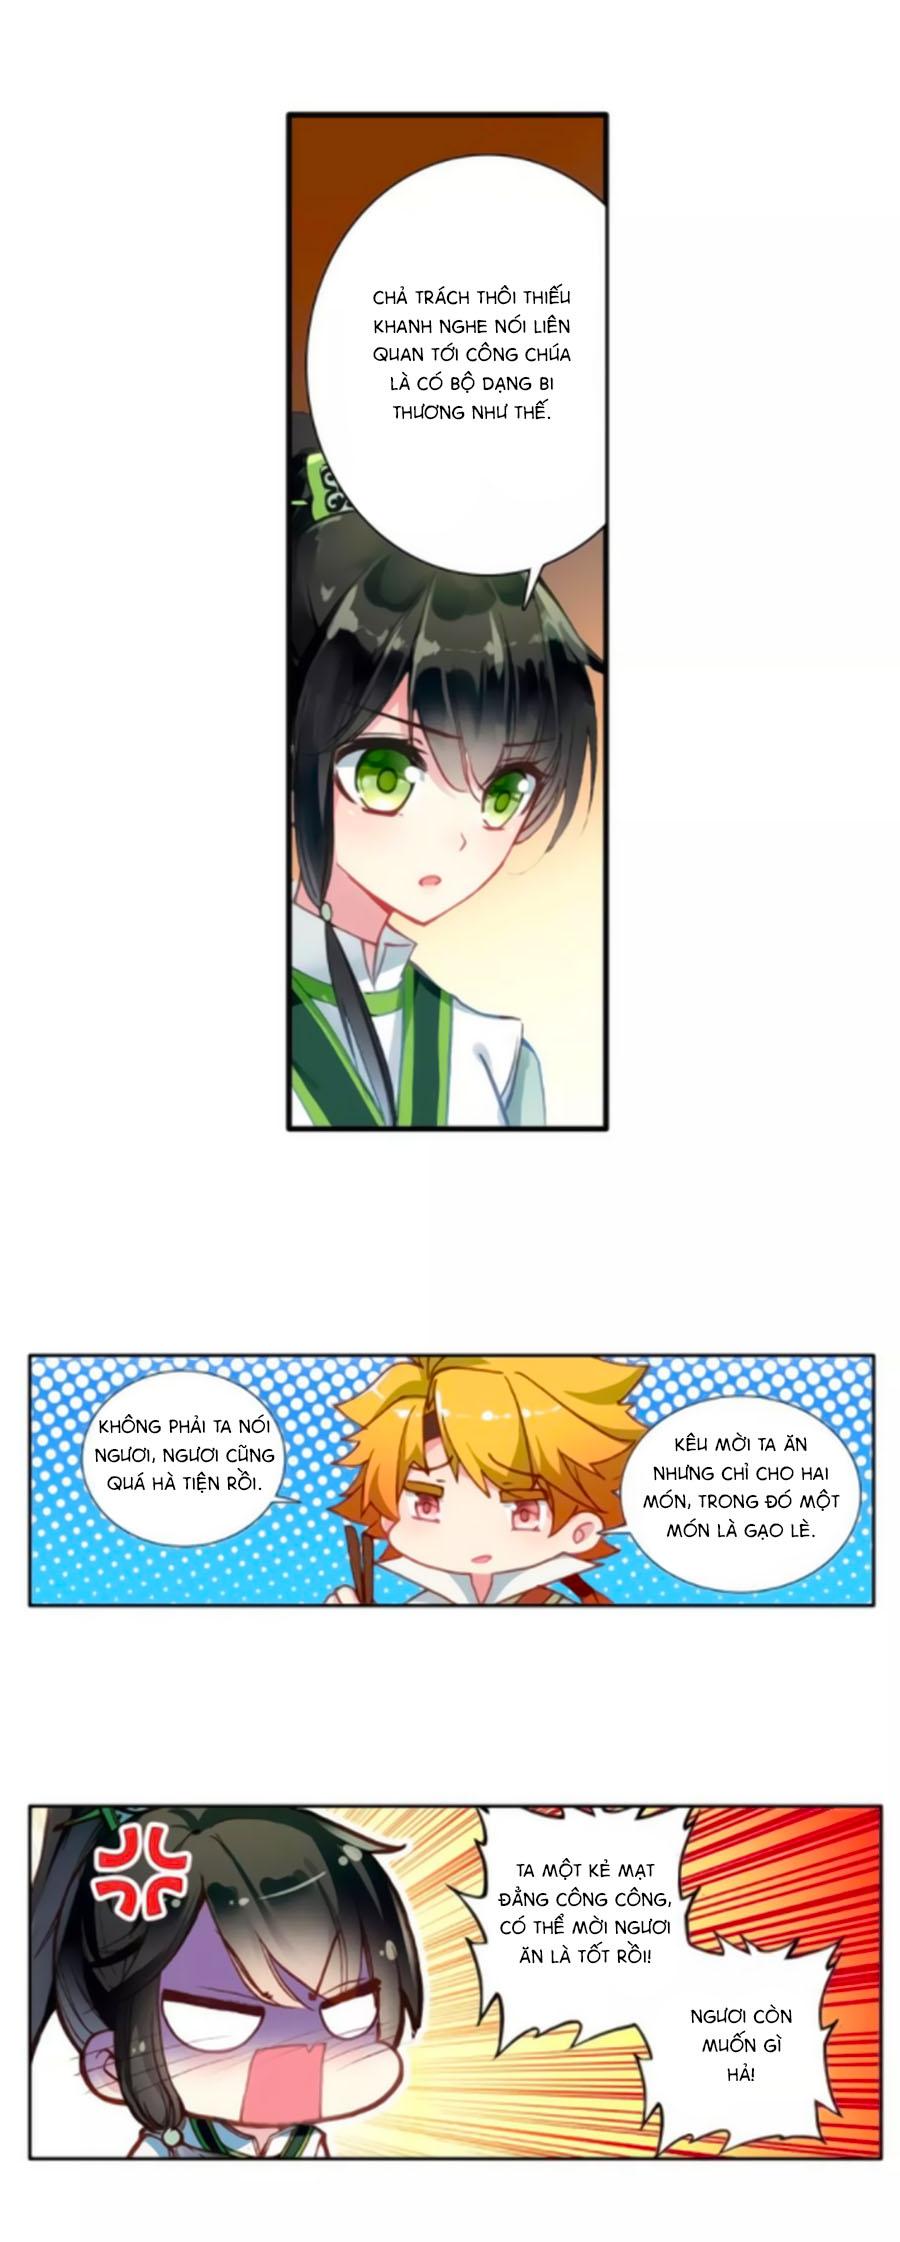 Trâm Trung Lục trang 3